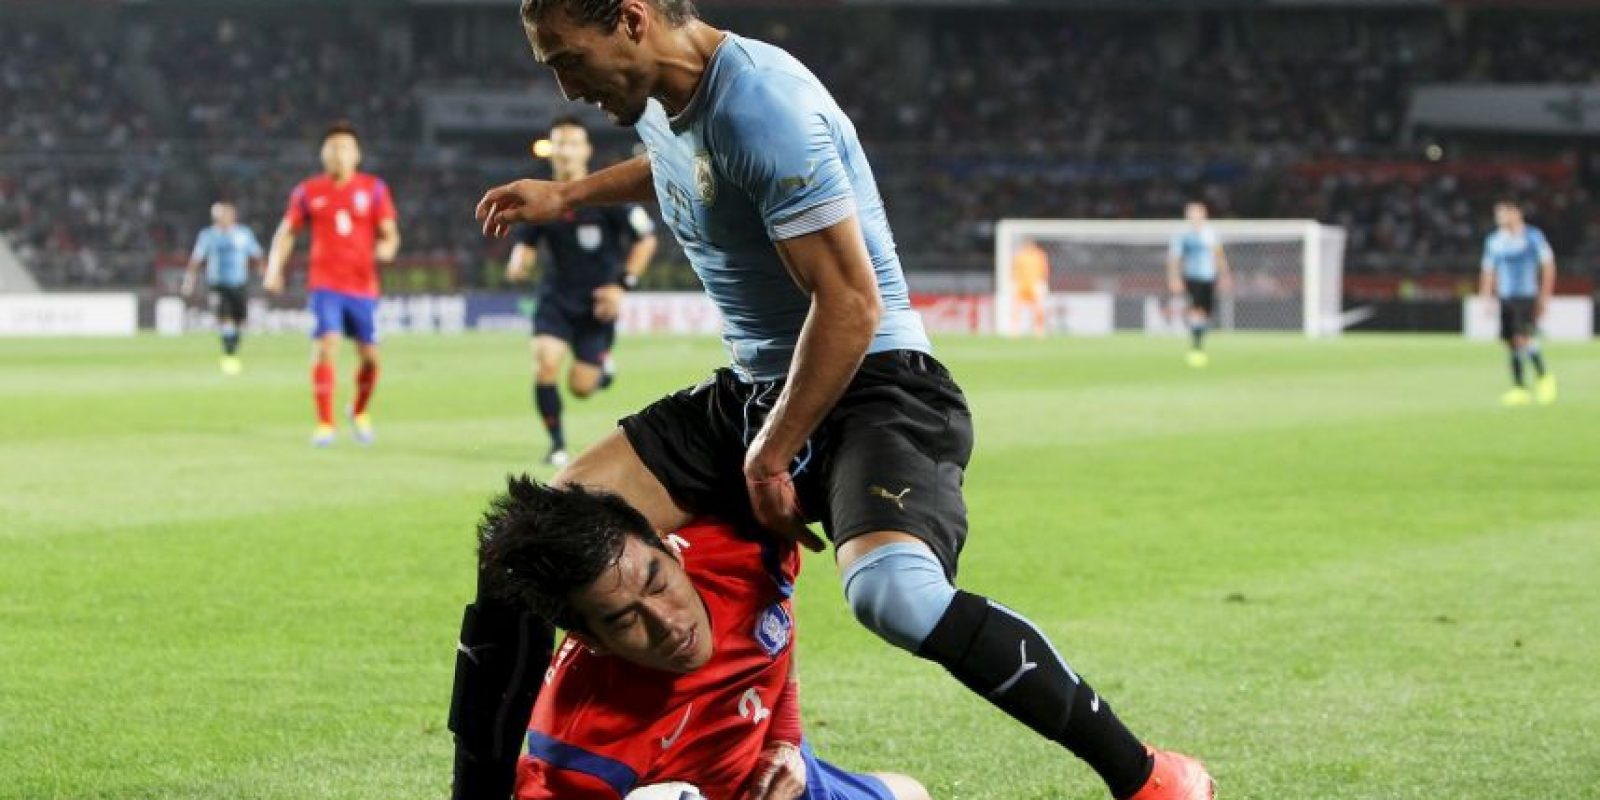 El lateral sufrió una lesión en el tendón de Aquiles en febrero de este año y sigue en periodo de recuperación, por lo que será una sensible para el Maestro Tabárez de cara a la Copa América Centenario.